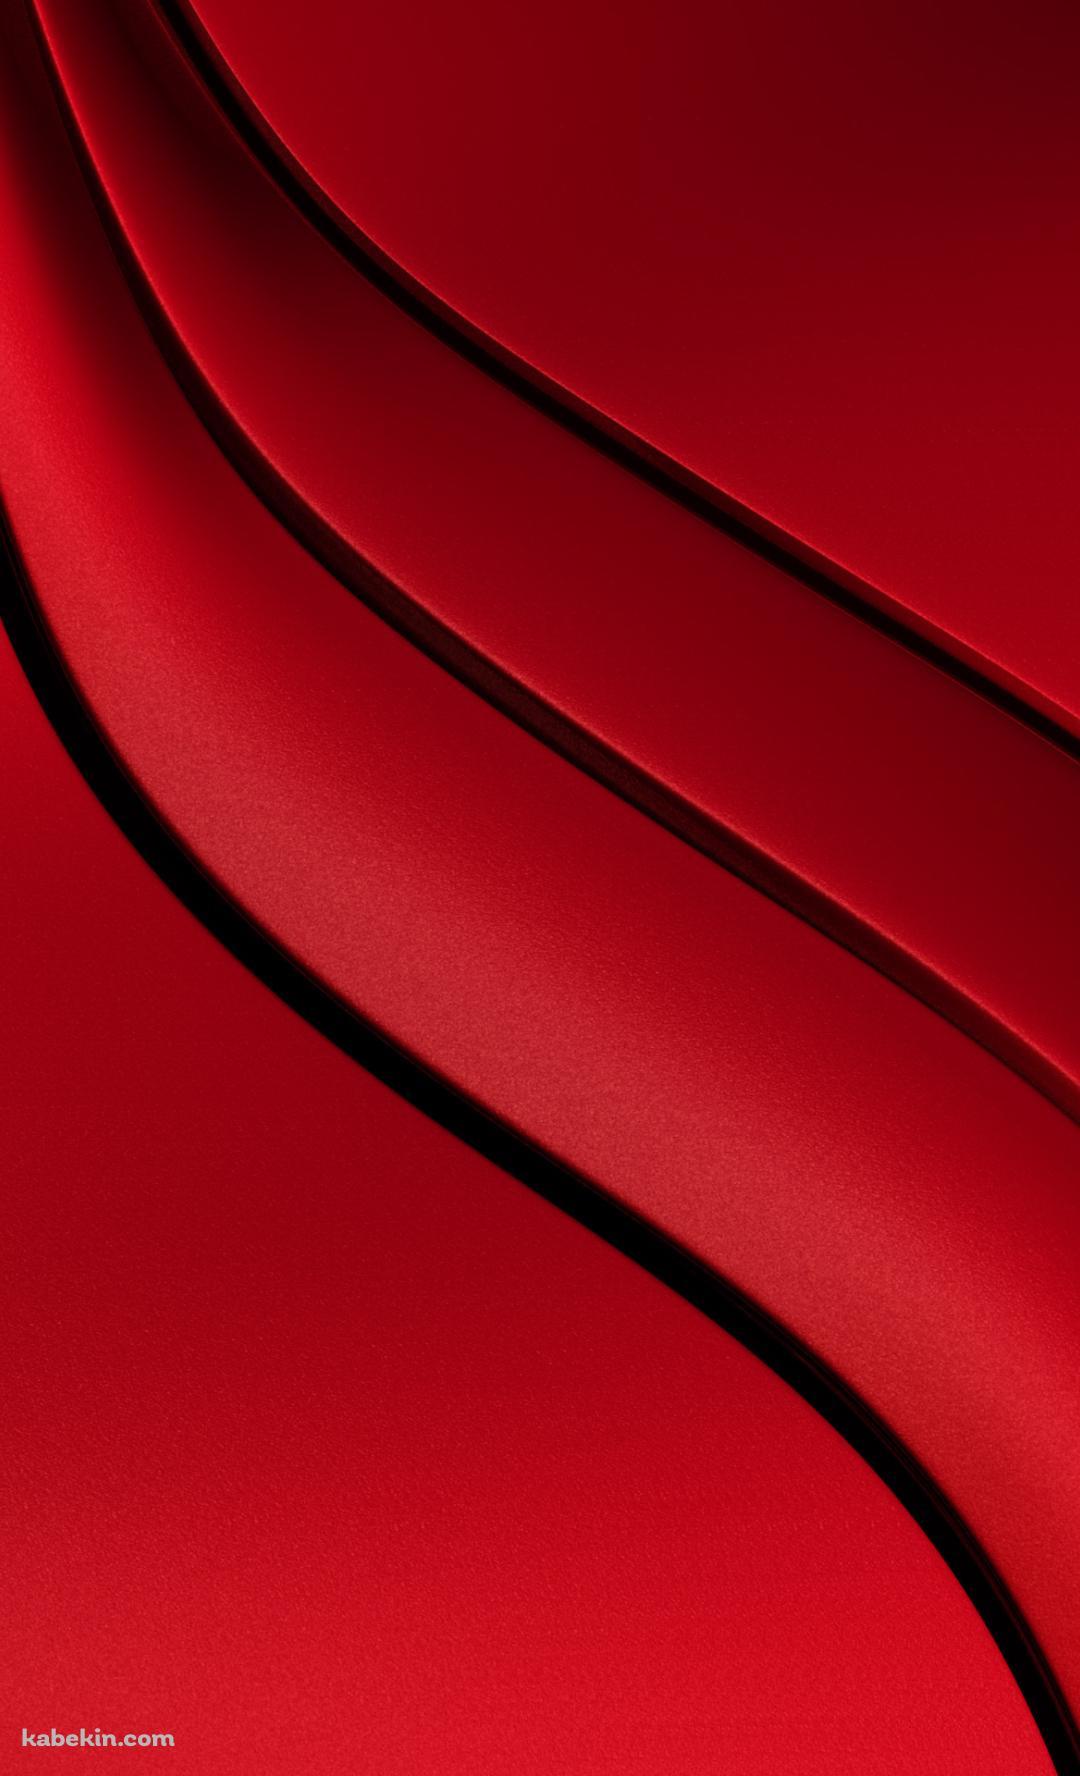 メタリックな赤のandroid壁紙 1080 X 1776 壁紙キングダム スマホ版